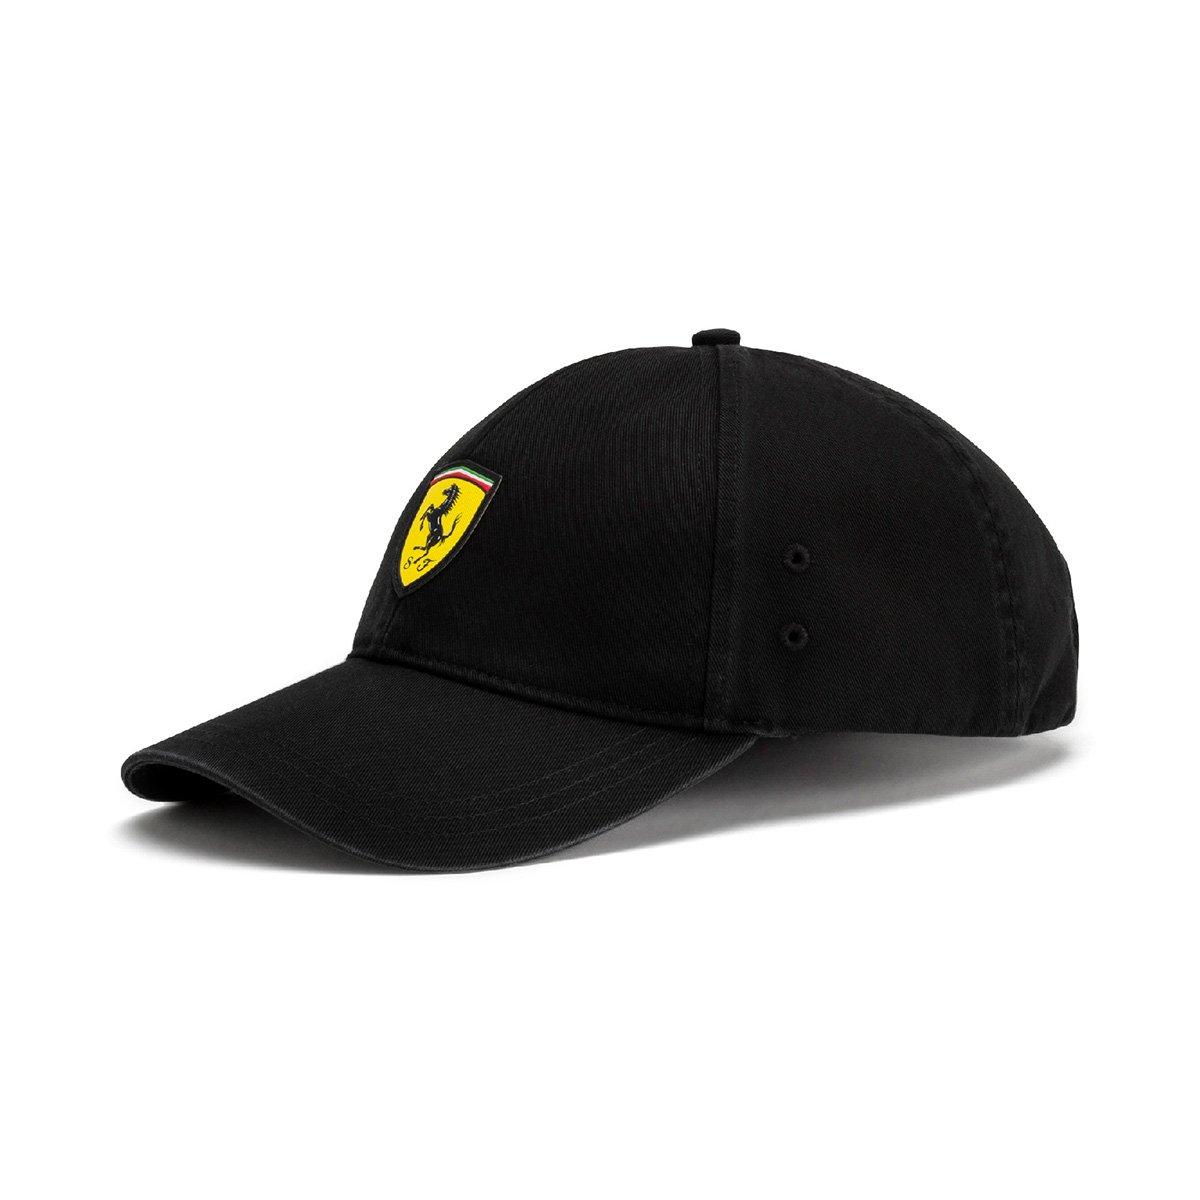 9624365d26629 Boné Puma Scuderia Ferrari Aba Curva Fanwear BB Masculino - Preto - Compre  Agora